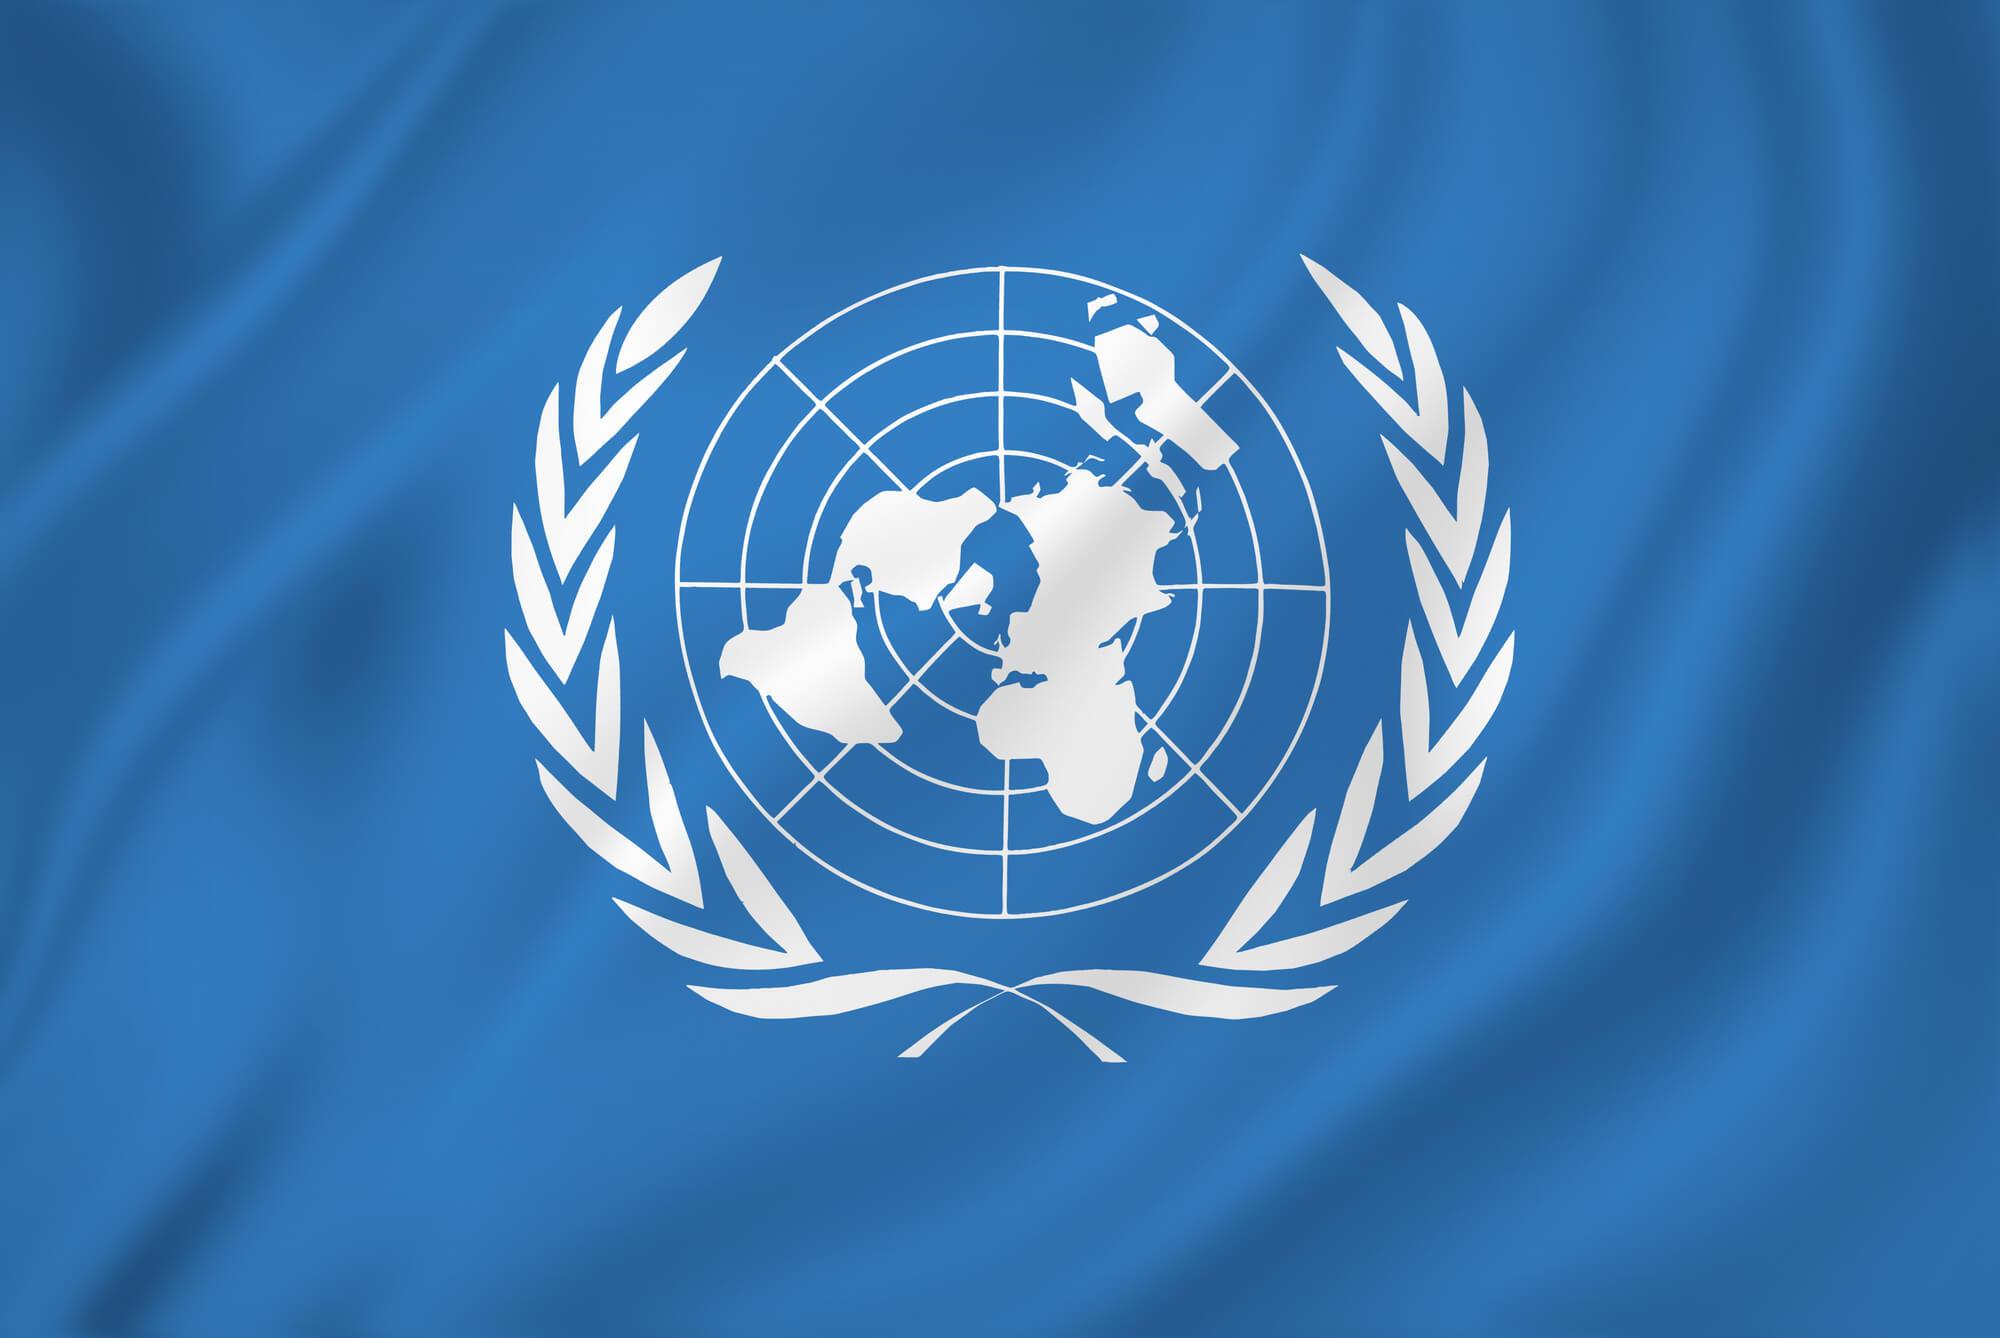 Как защита прав человека взаимосвязана с экономикой. Выводы миссии ООН после визита в Украину